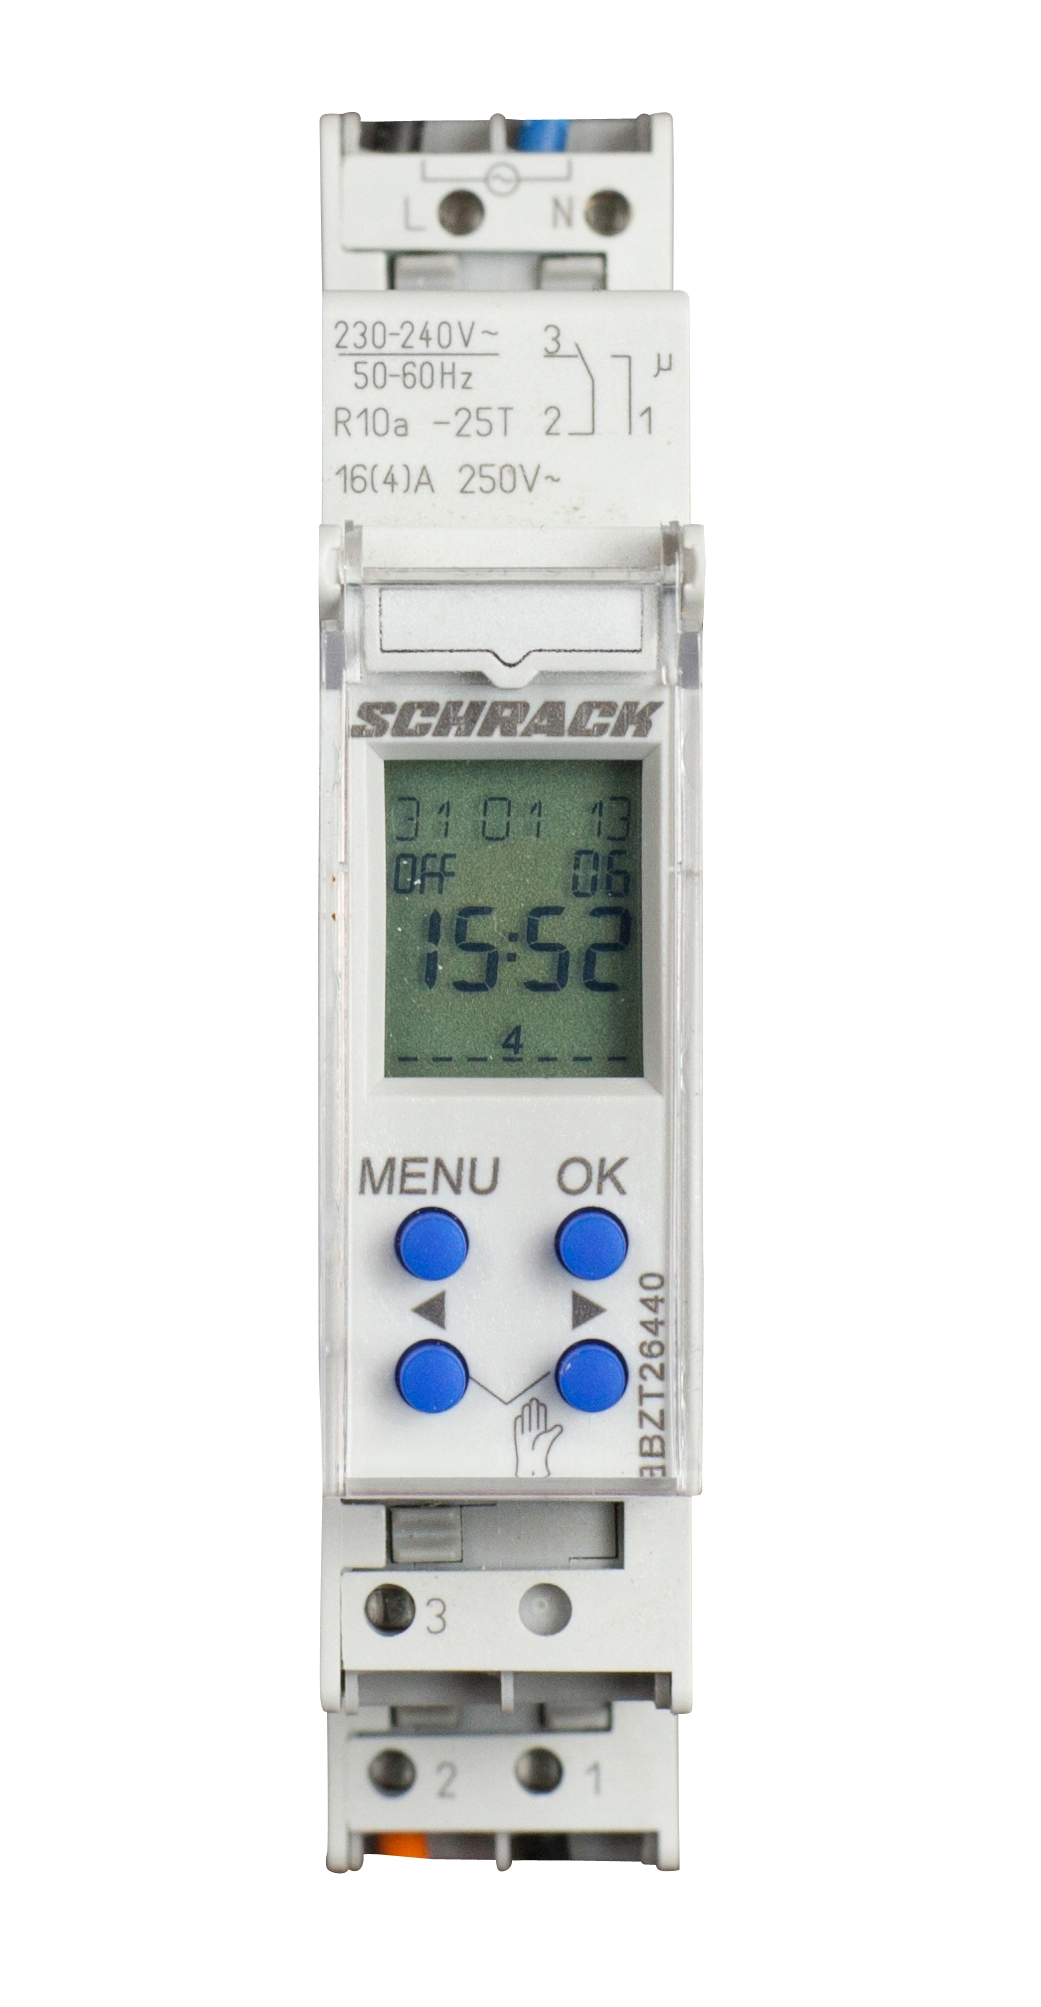 Ceasuri programabile, comutatoare crepusculare23047